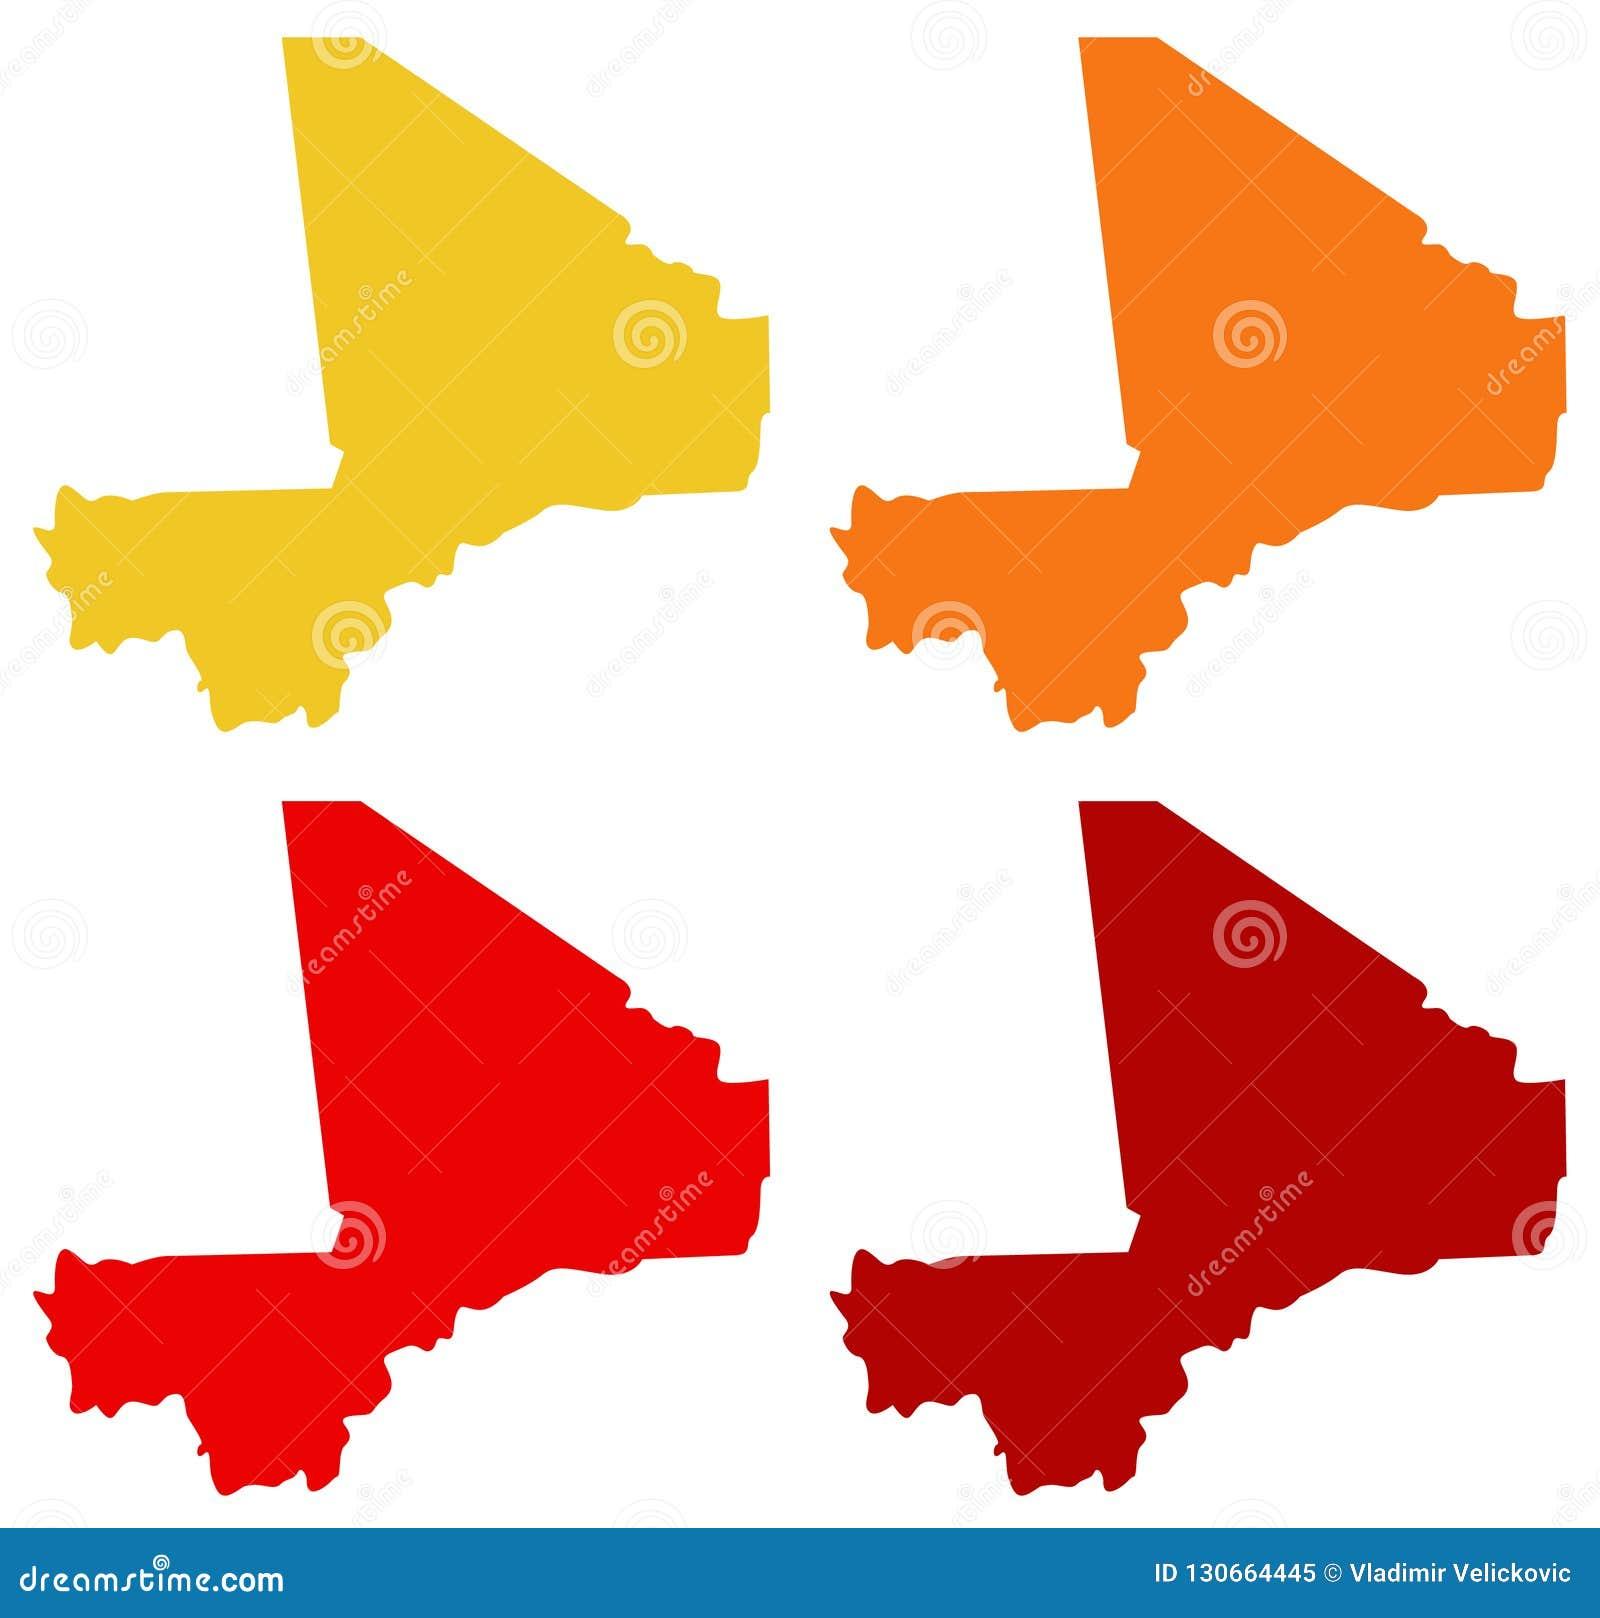 Mali Map - Country In West Africa Stock Vector ... Mali Map Africa on mali's map, mali map in color, mali gold, mali continent map, mali political, mali movement, sierra leone, mali europe map, mali geography, rwanda map, bamako mali map, mali economic, mali currency, burkina faso, mali map area, mali flag, mali on a map, mali france map, zimbabwe map, mali ebola, mali resource map, mali food,